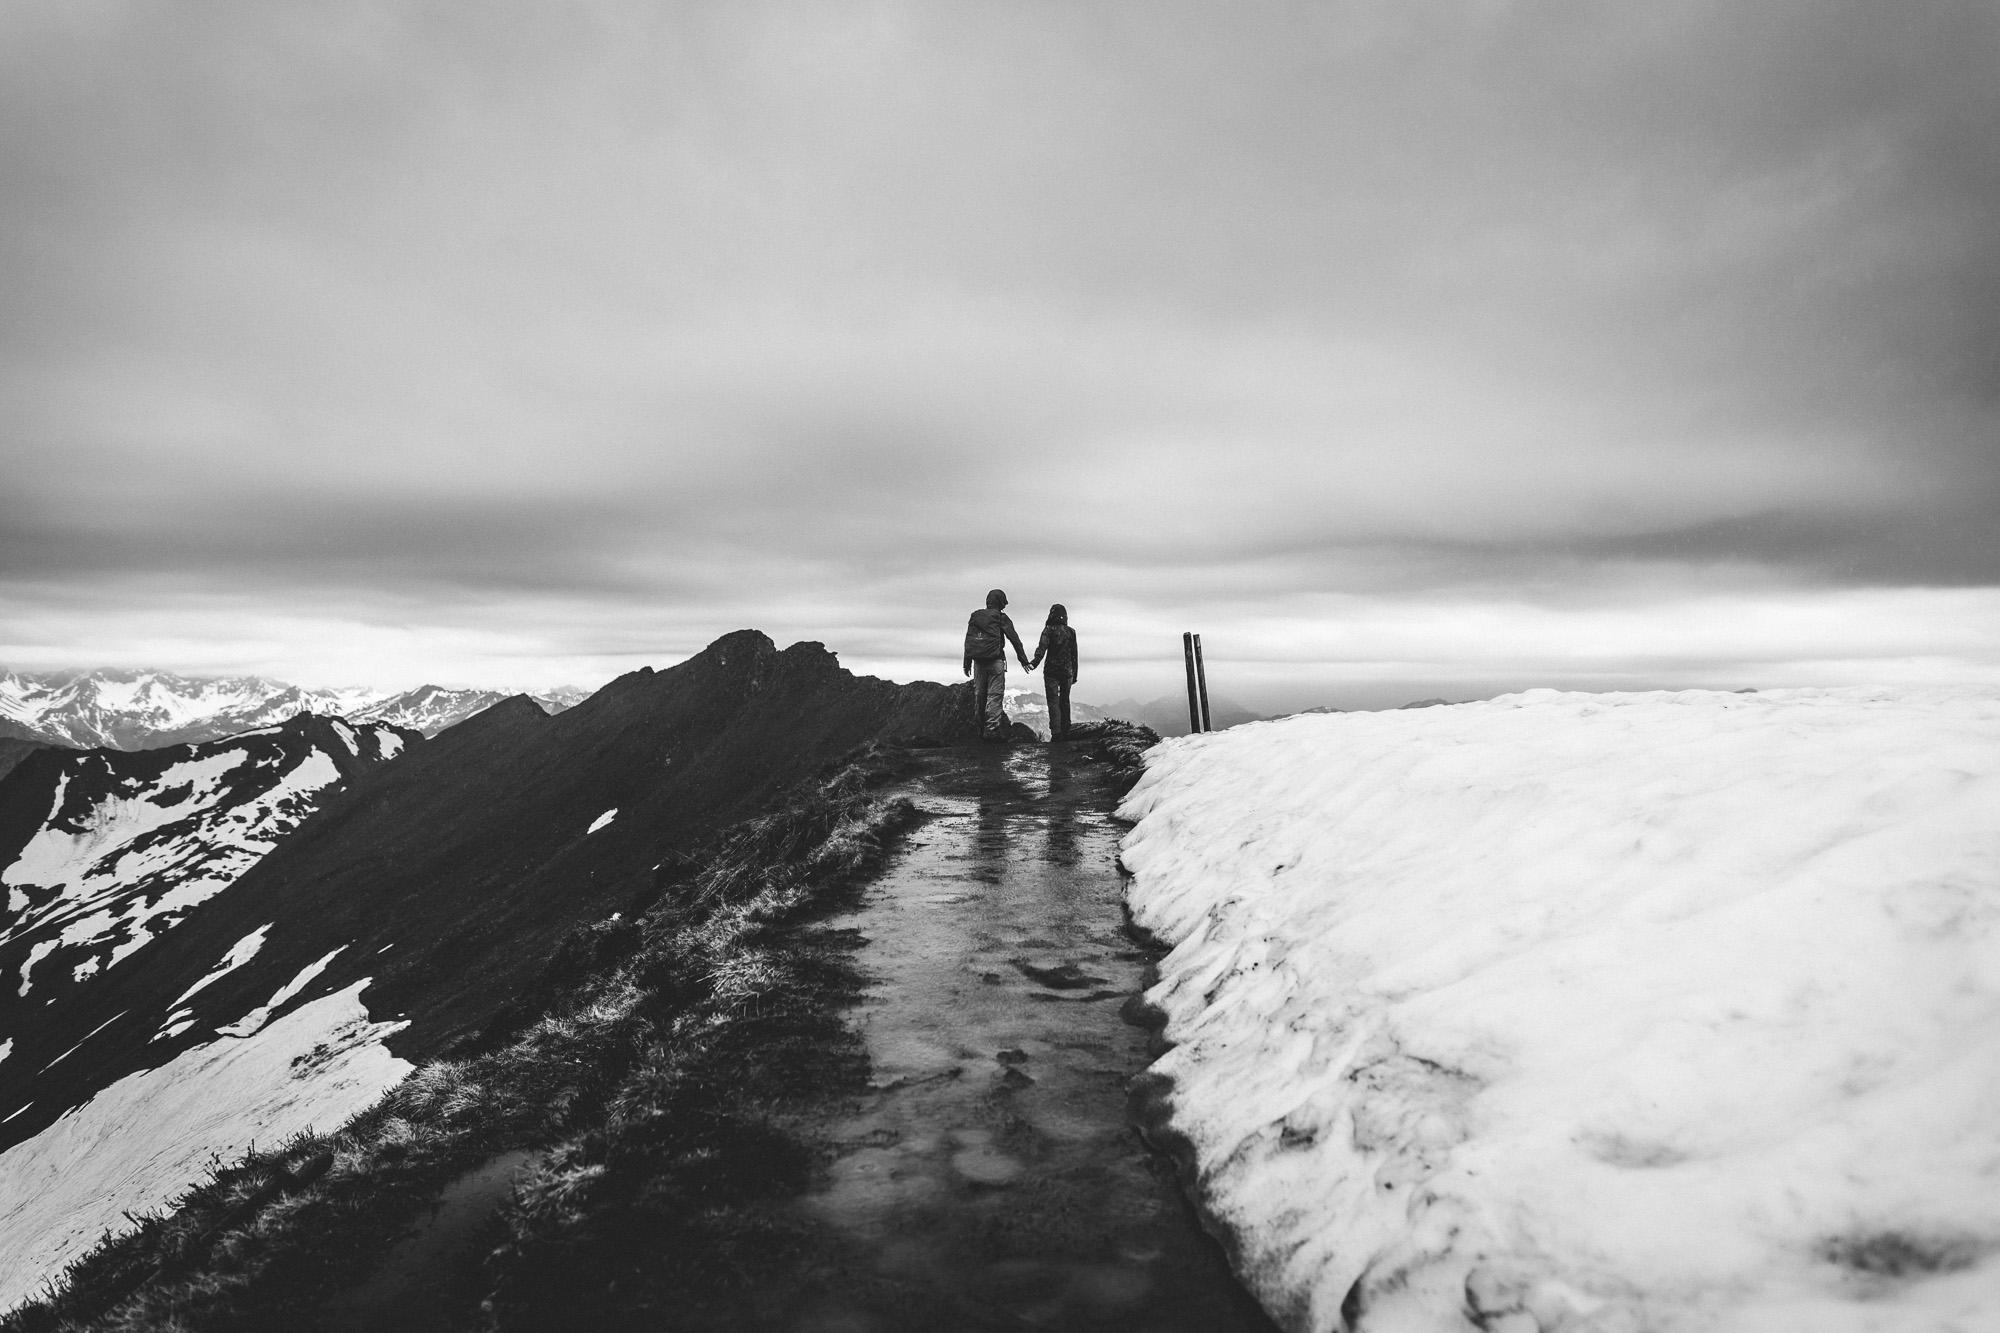 svea und keve 007 - Nur zu zweit in den Bergen